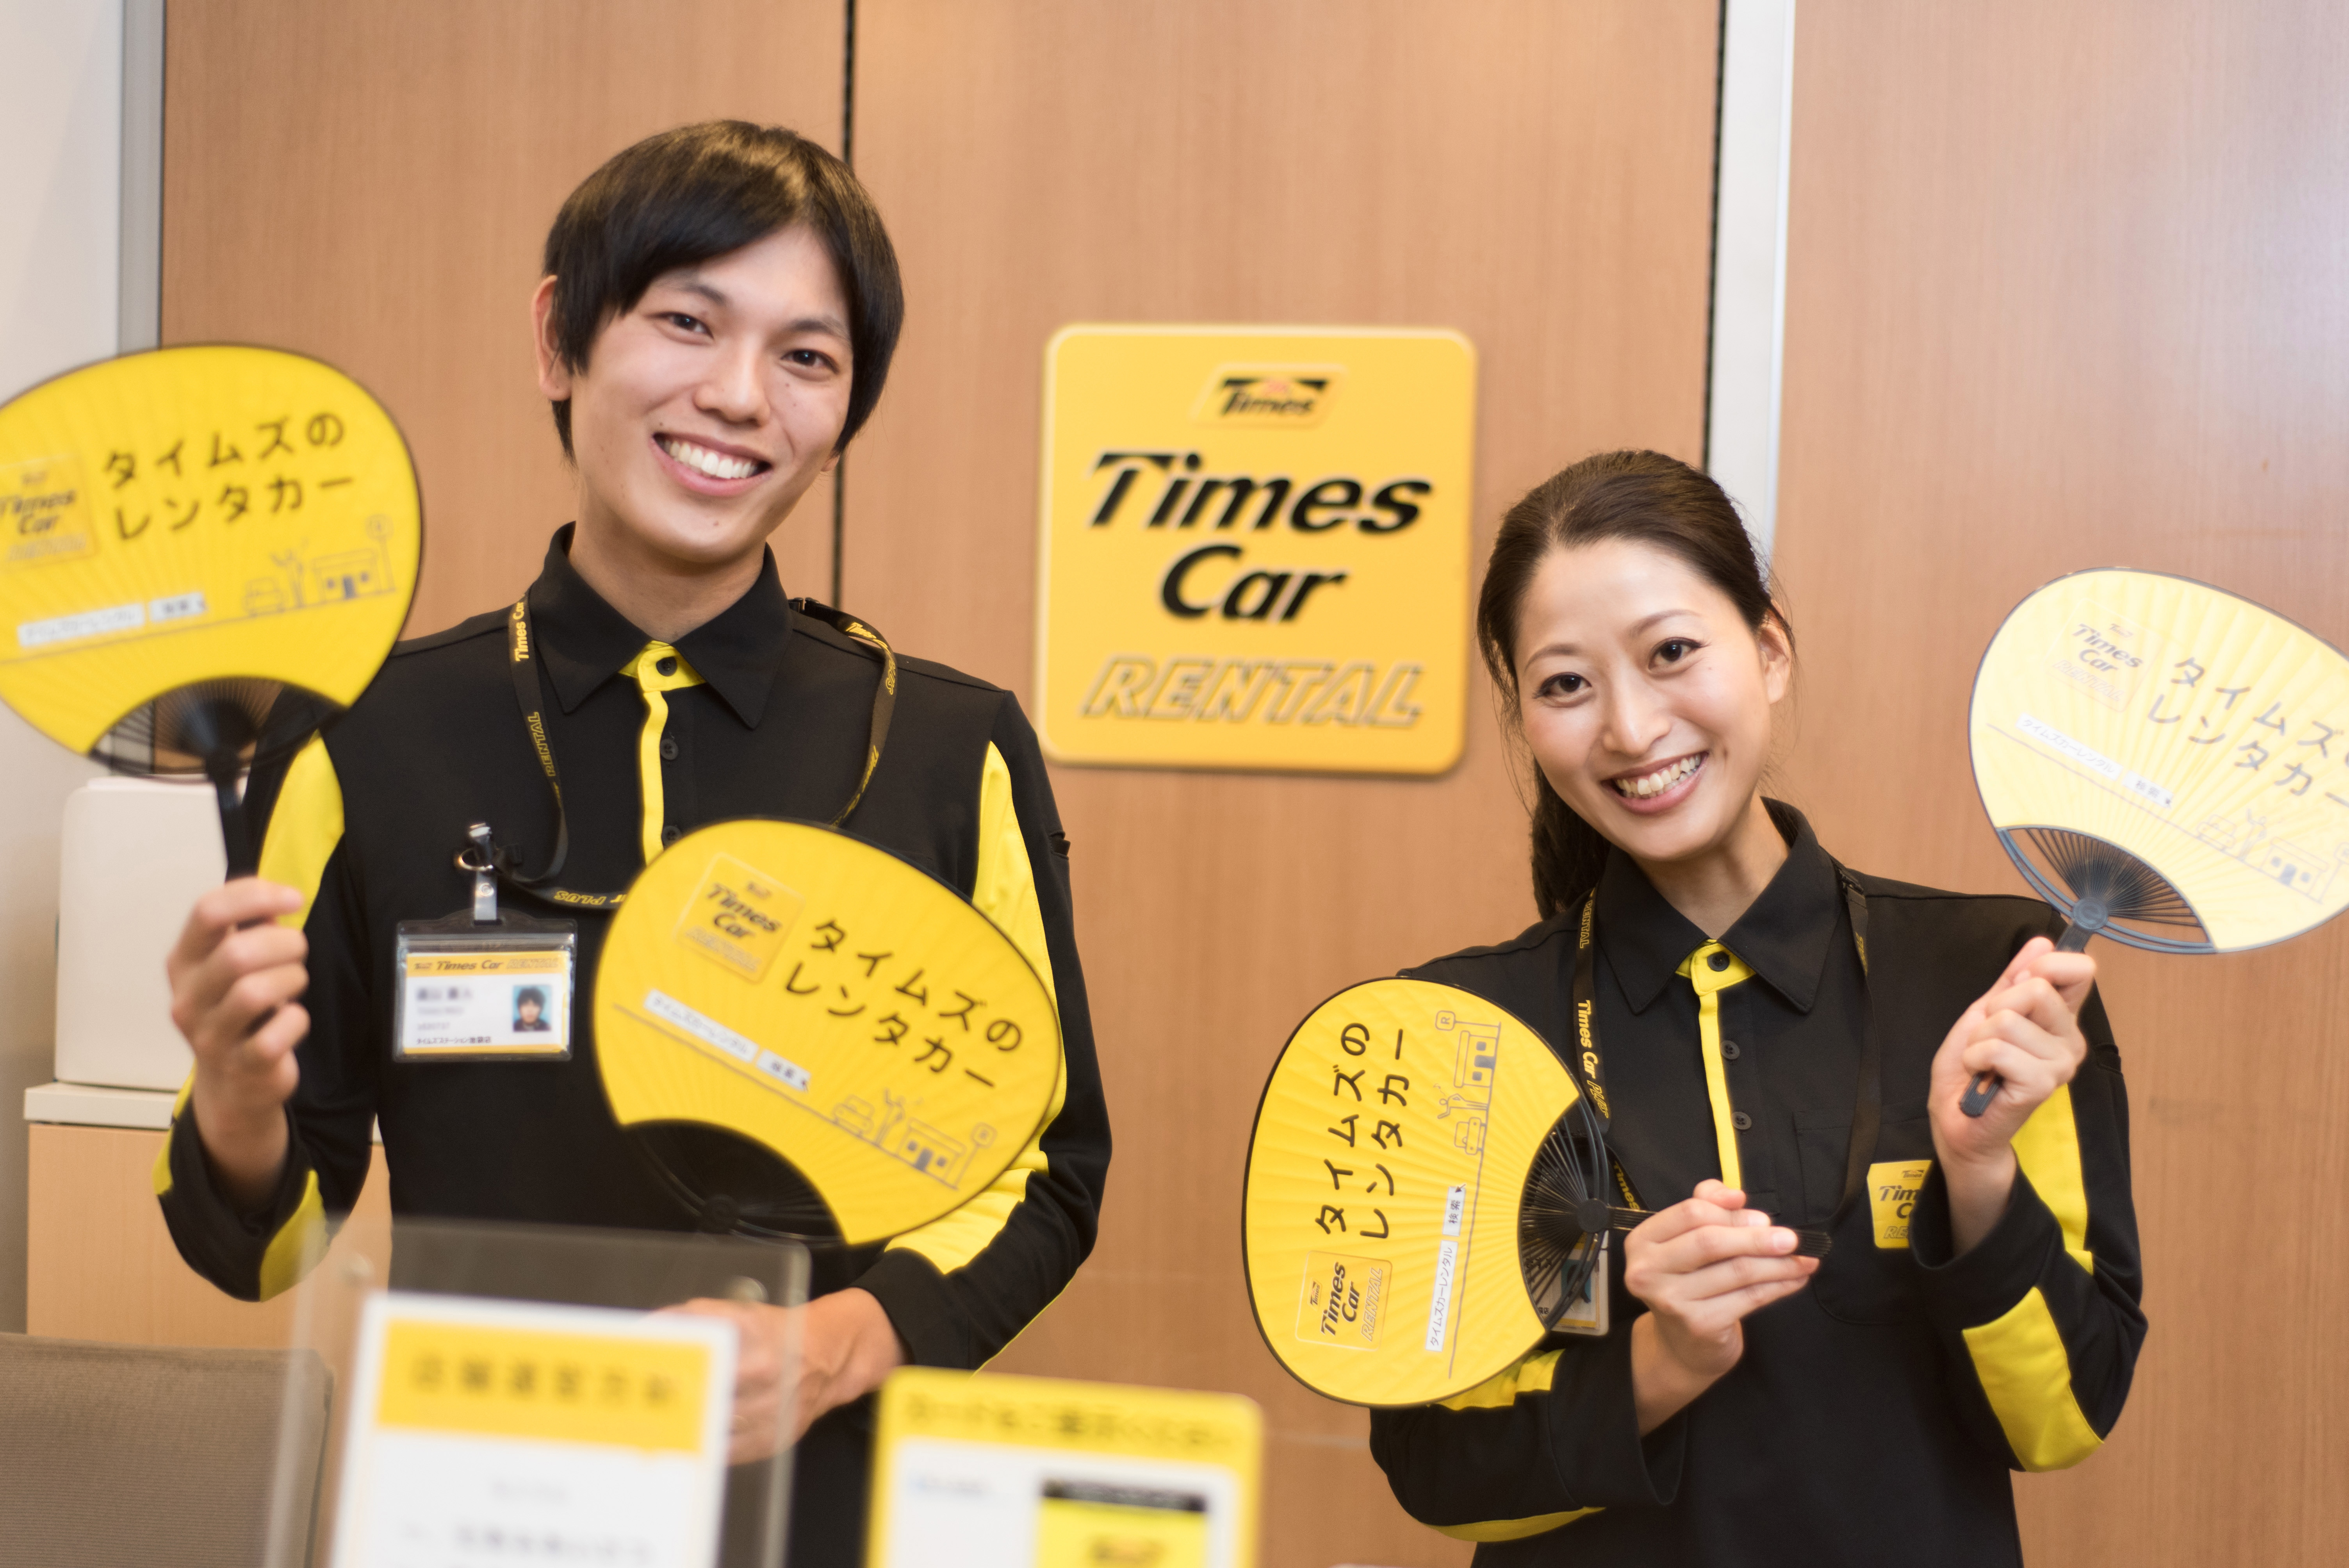 タイムズカーレンタル 仙台泉中央店店 のアルバイト情報